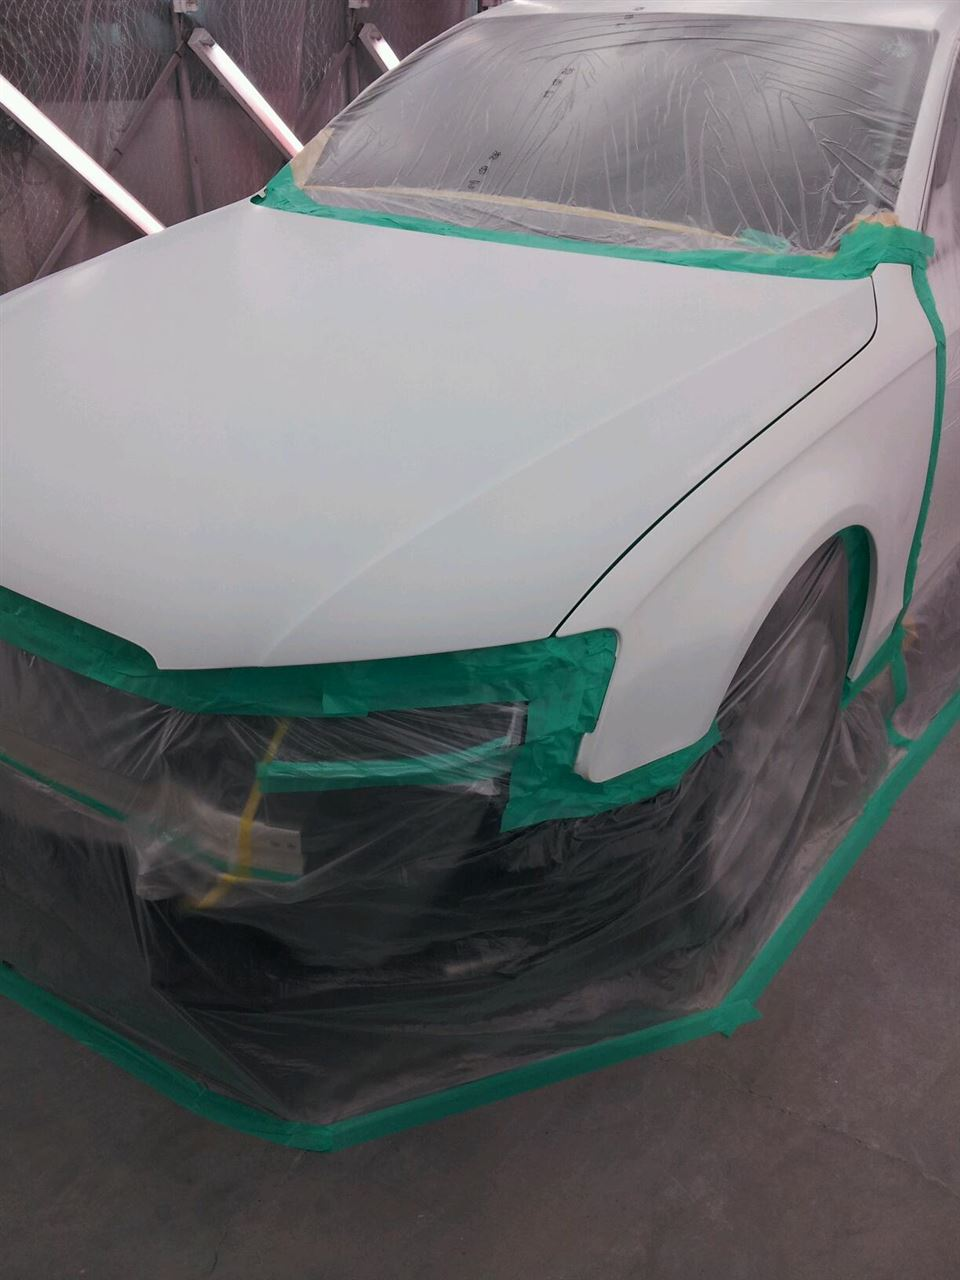 東京都立川市の車の板金塗装修理工場 ガレージローライドのアウディ A4の前まわりの飛び石キズの板金 修理 塗装 です。